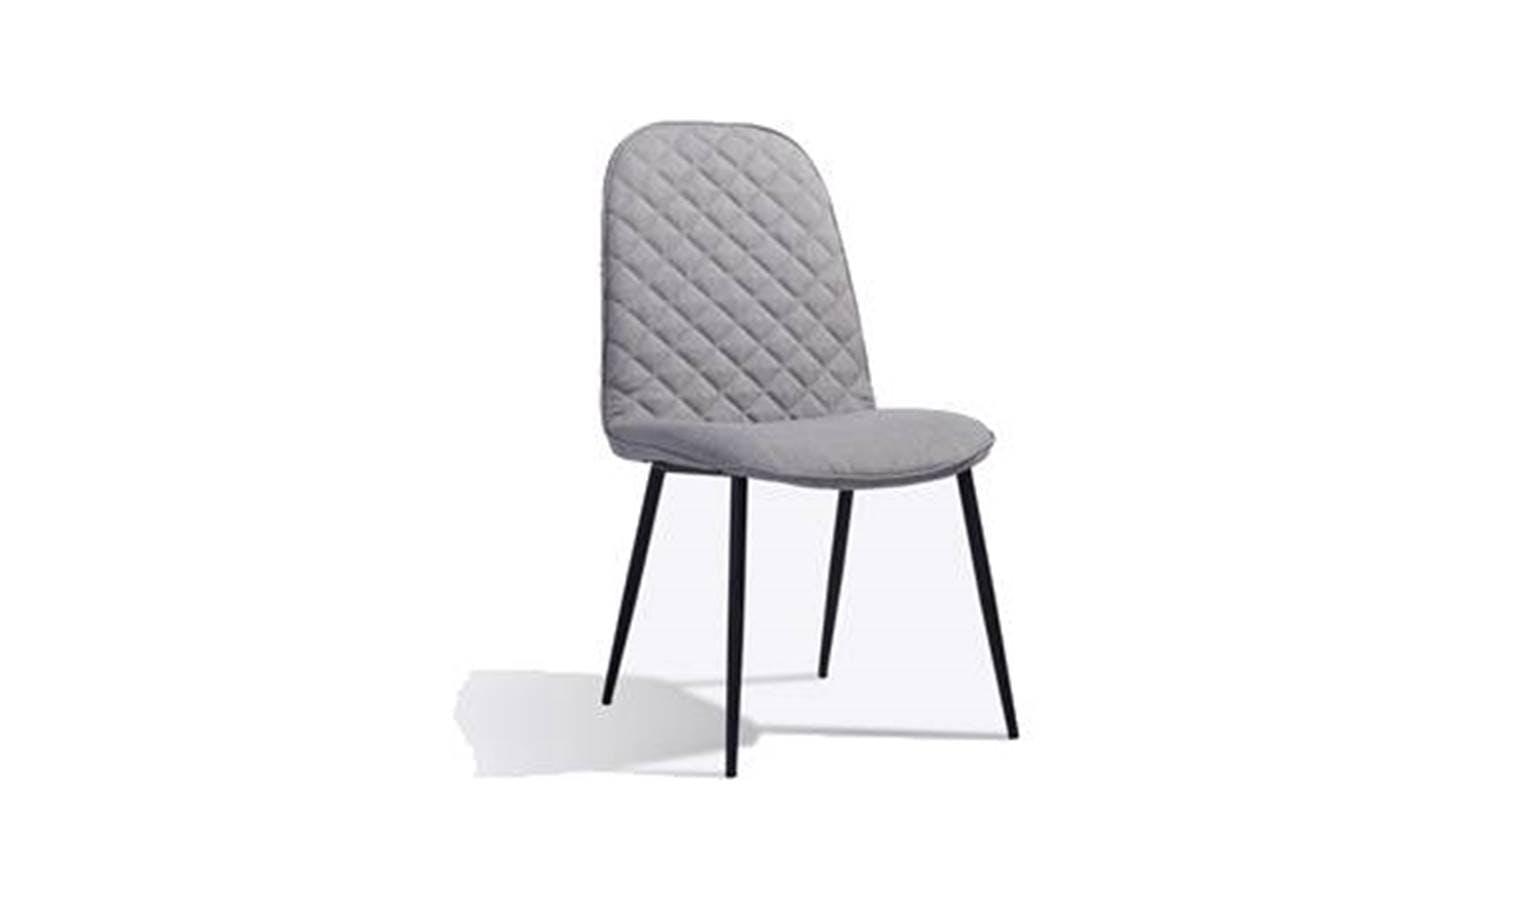 Botega Full Fabric Dining Chair Grey